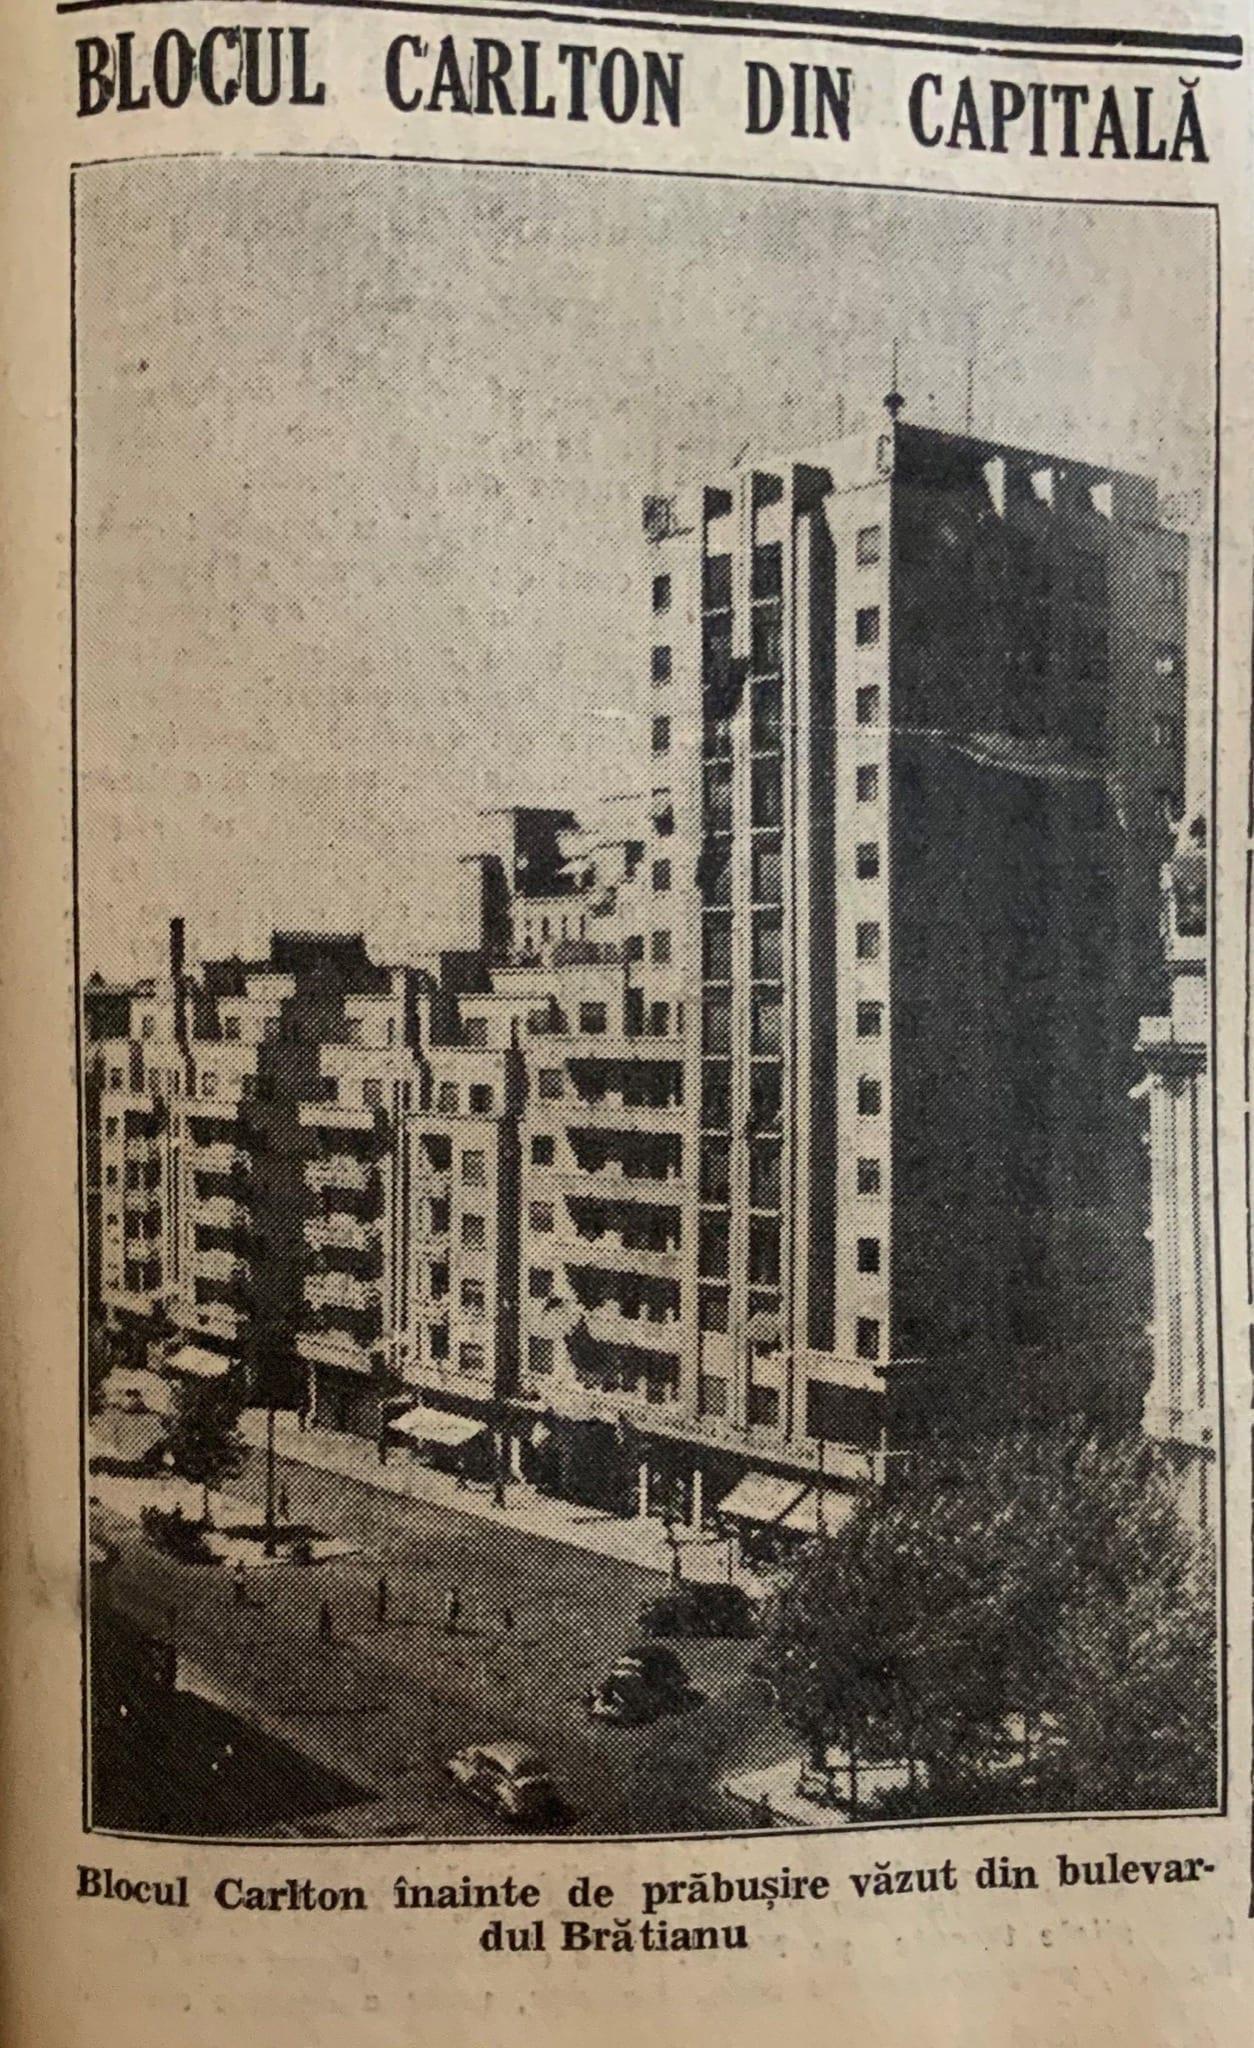 cantacuzino 3 copy - Oameni care au construit Bucureștiul: George Matei Cantacuzino